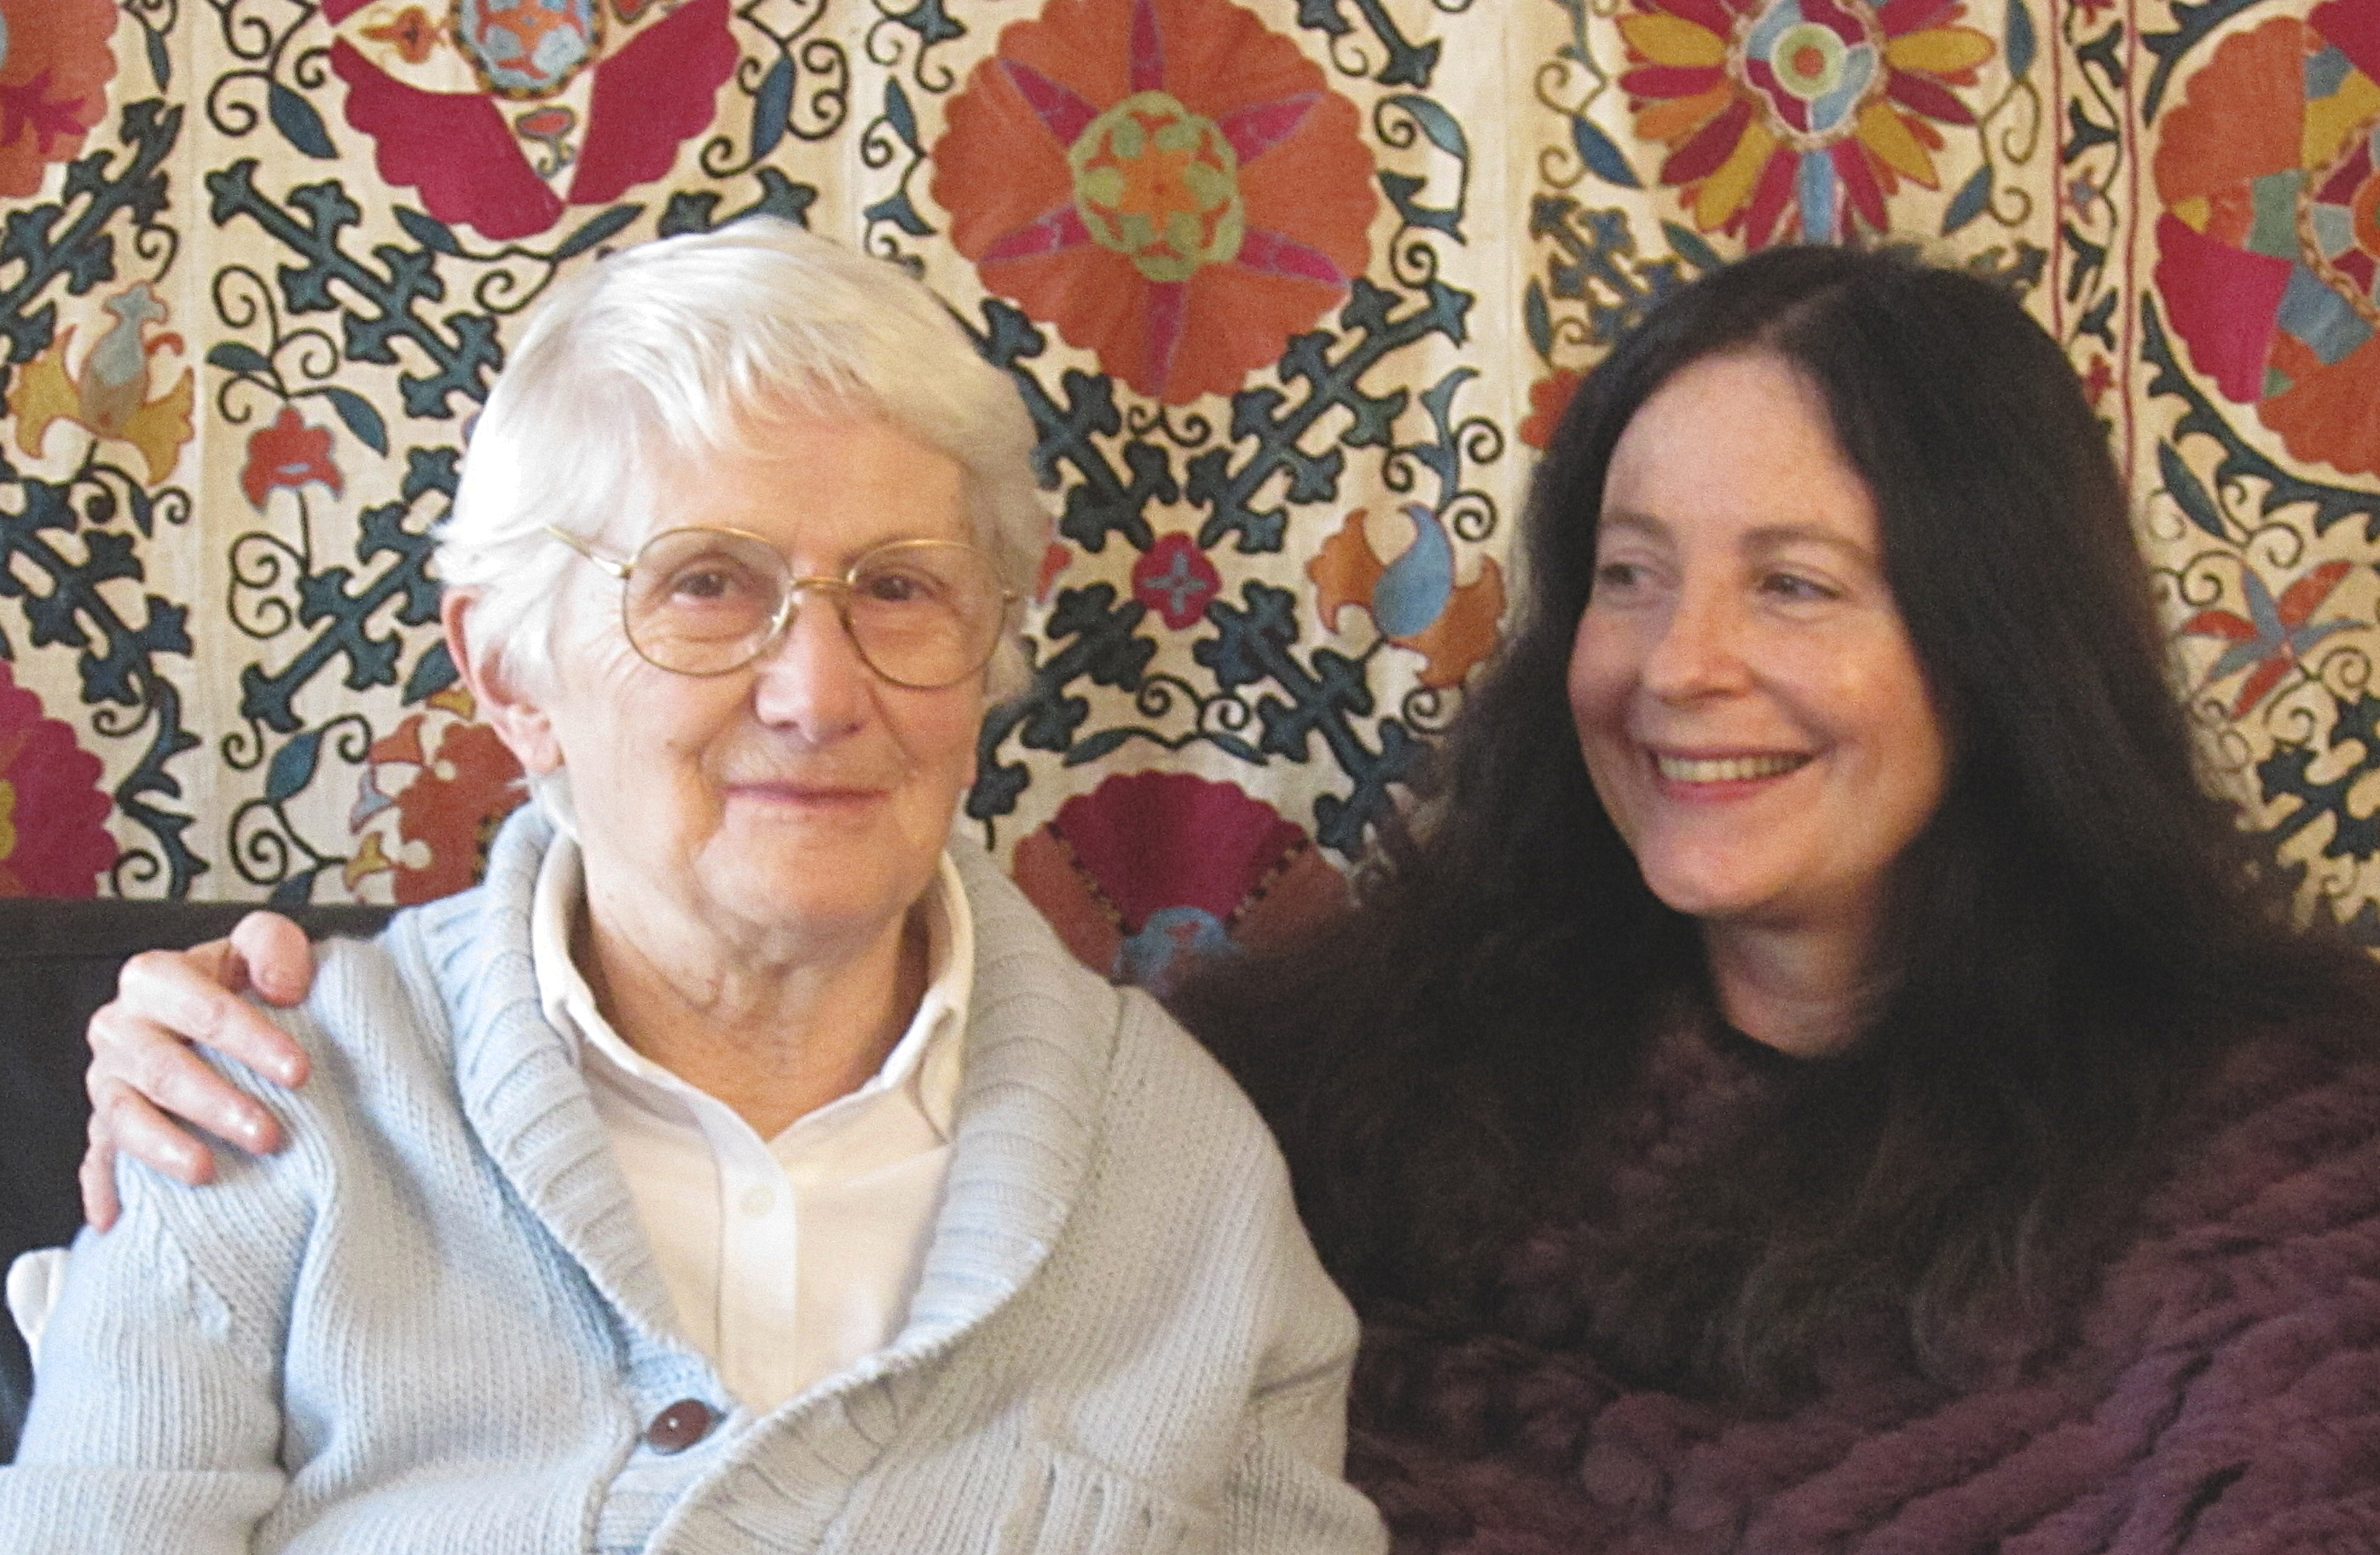 La scrittrice Marina Gersoni Jarre con la giornalista Marina Gersony